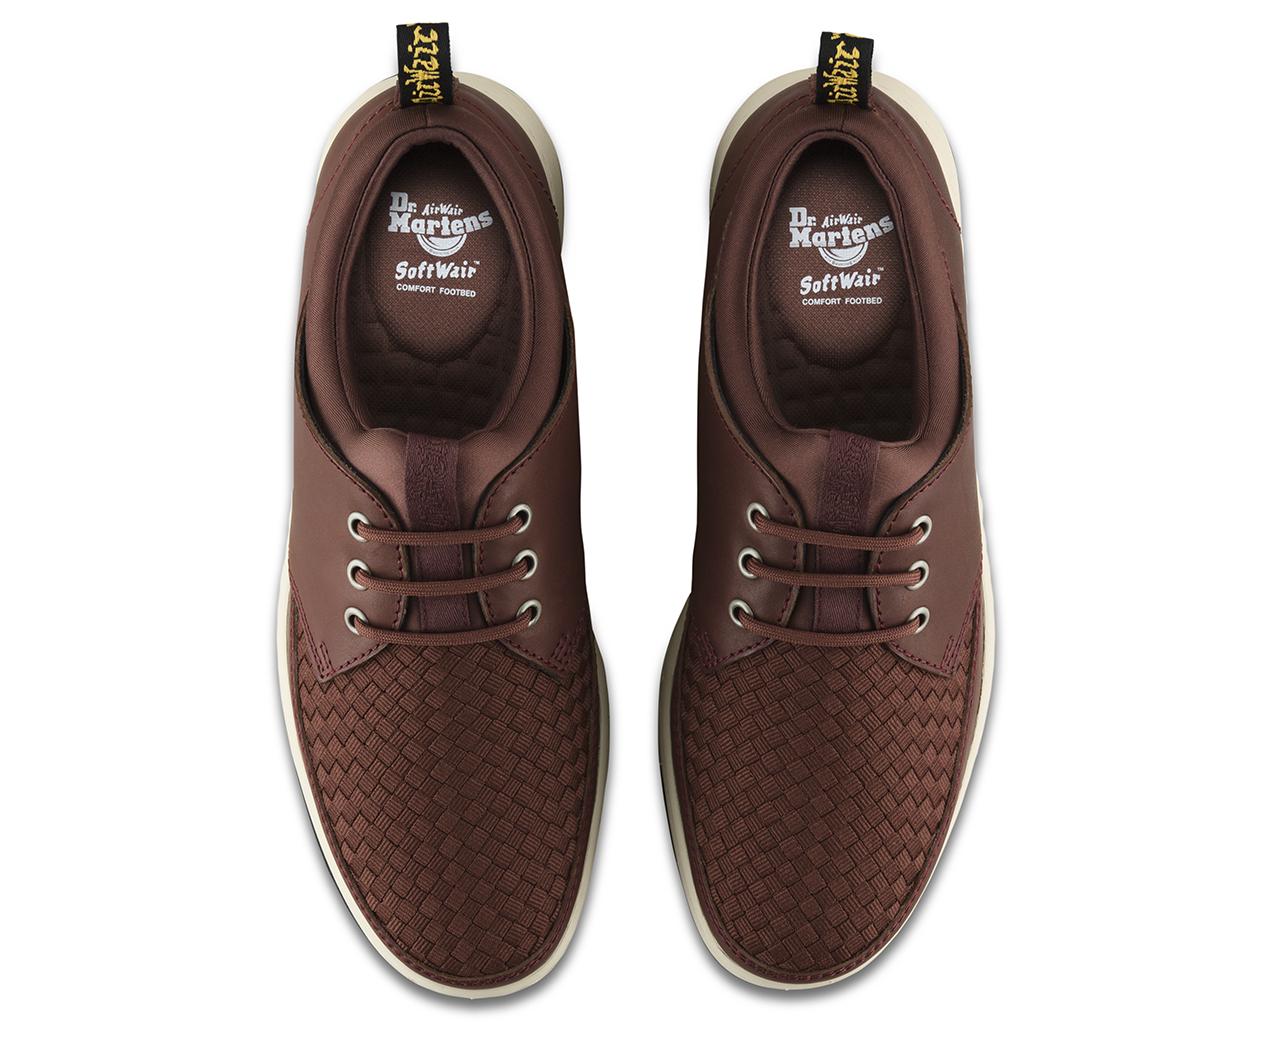 8fe717e5dca0d SOLARIS WOVEN | Men's Shoes | Official Dr Martens Store - UK